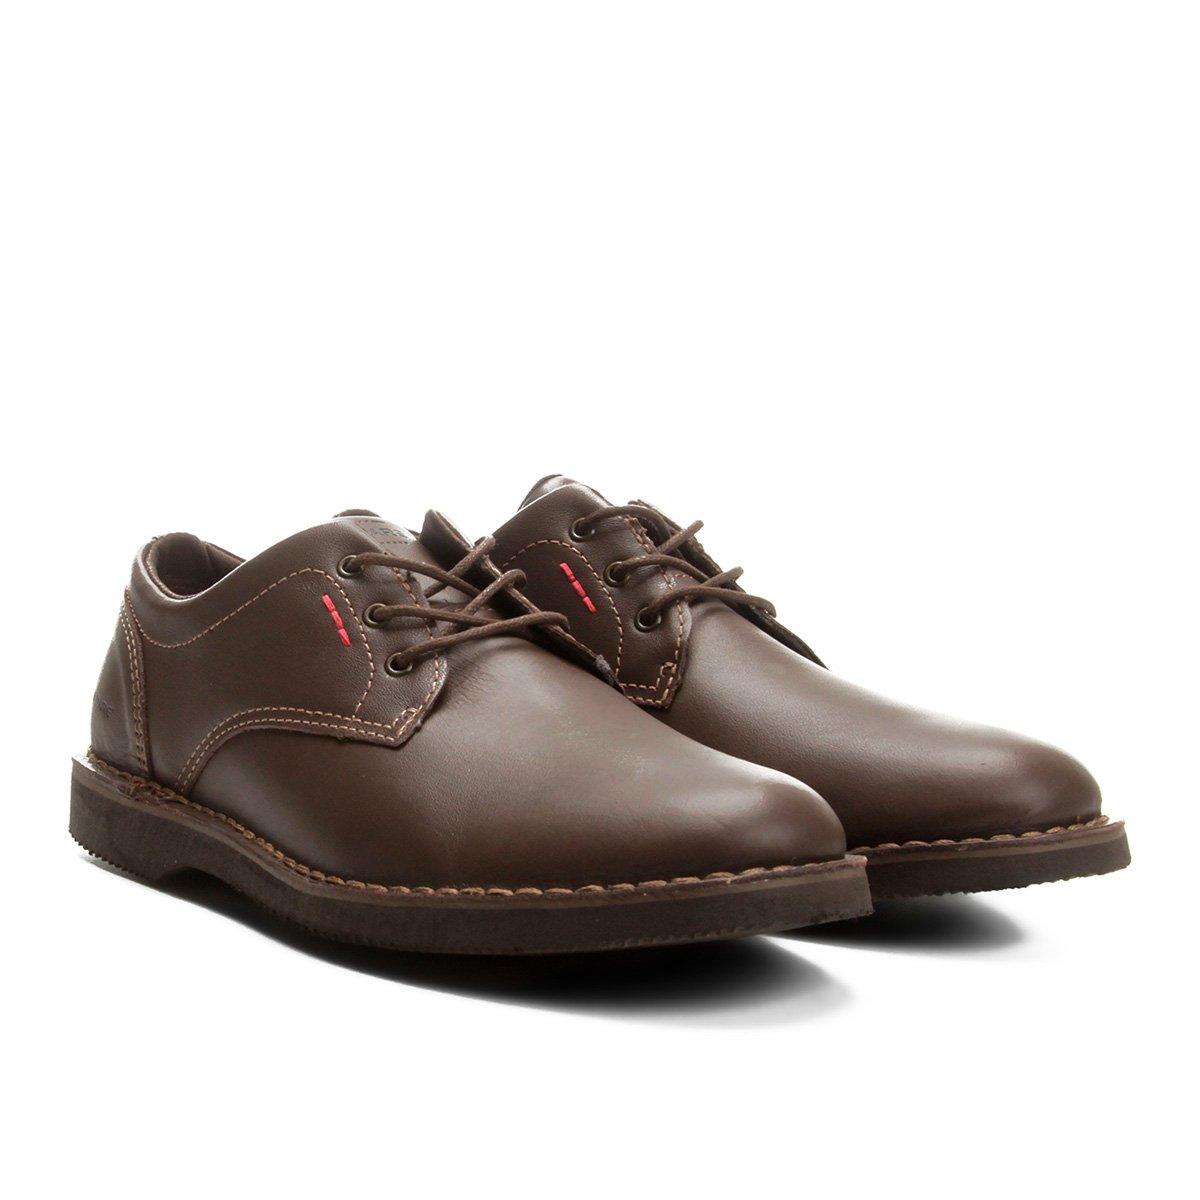 Sapato Casual Sapato Couro Kildare Casual Kildare Fylei Masculino Couro Marrom Marrom Masculino Fylei Sapato Casual BwqArRB